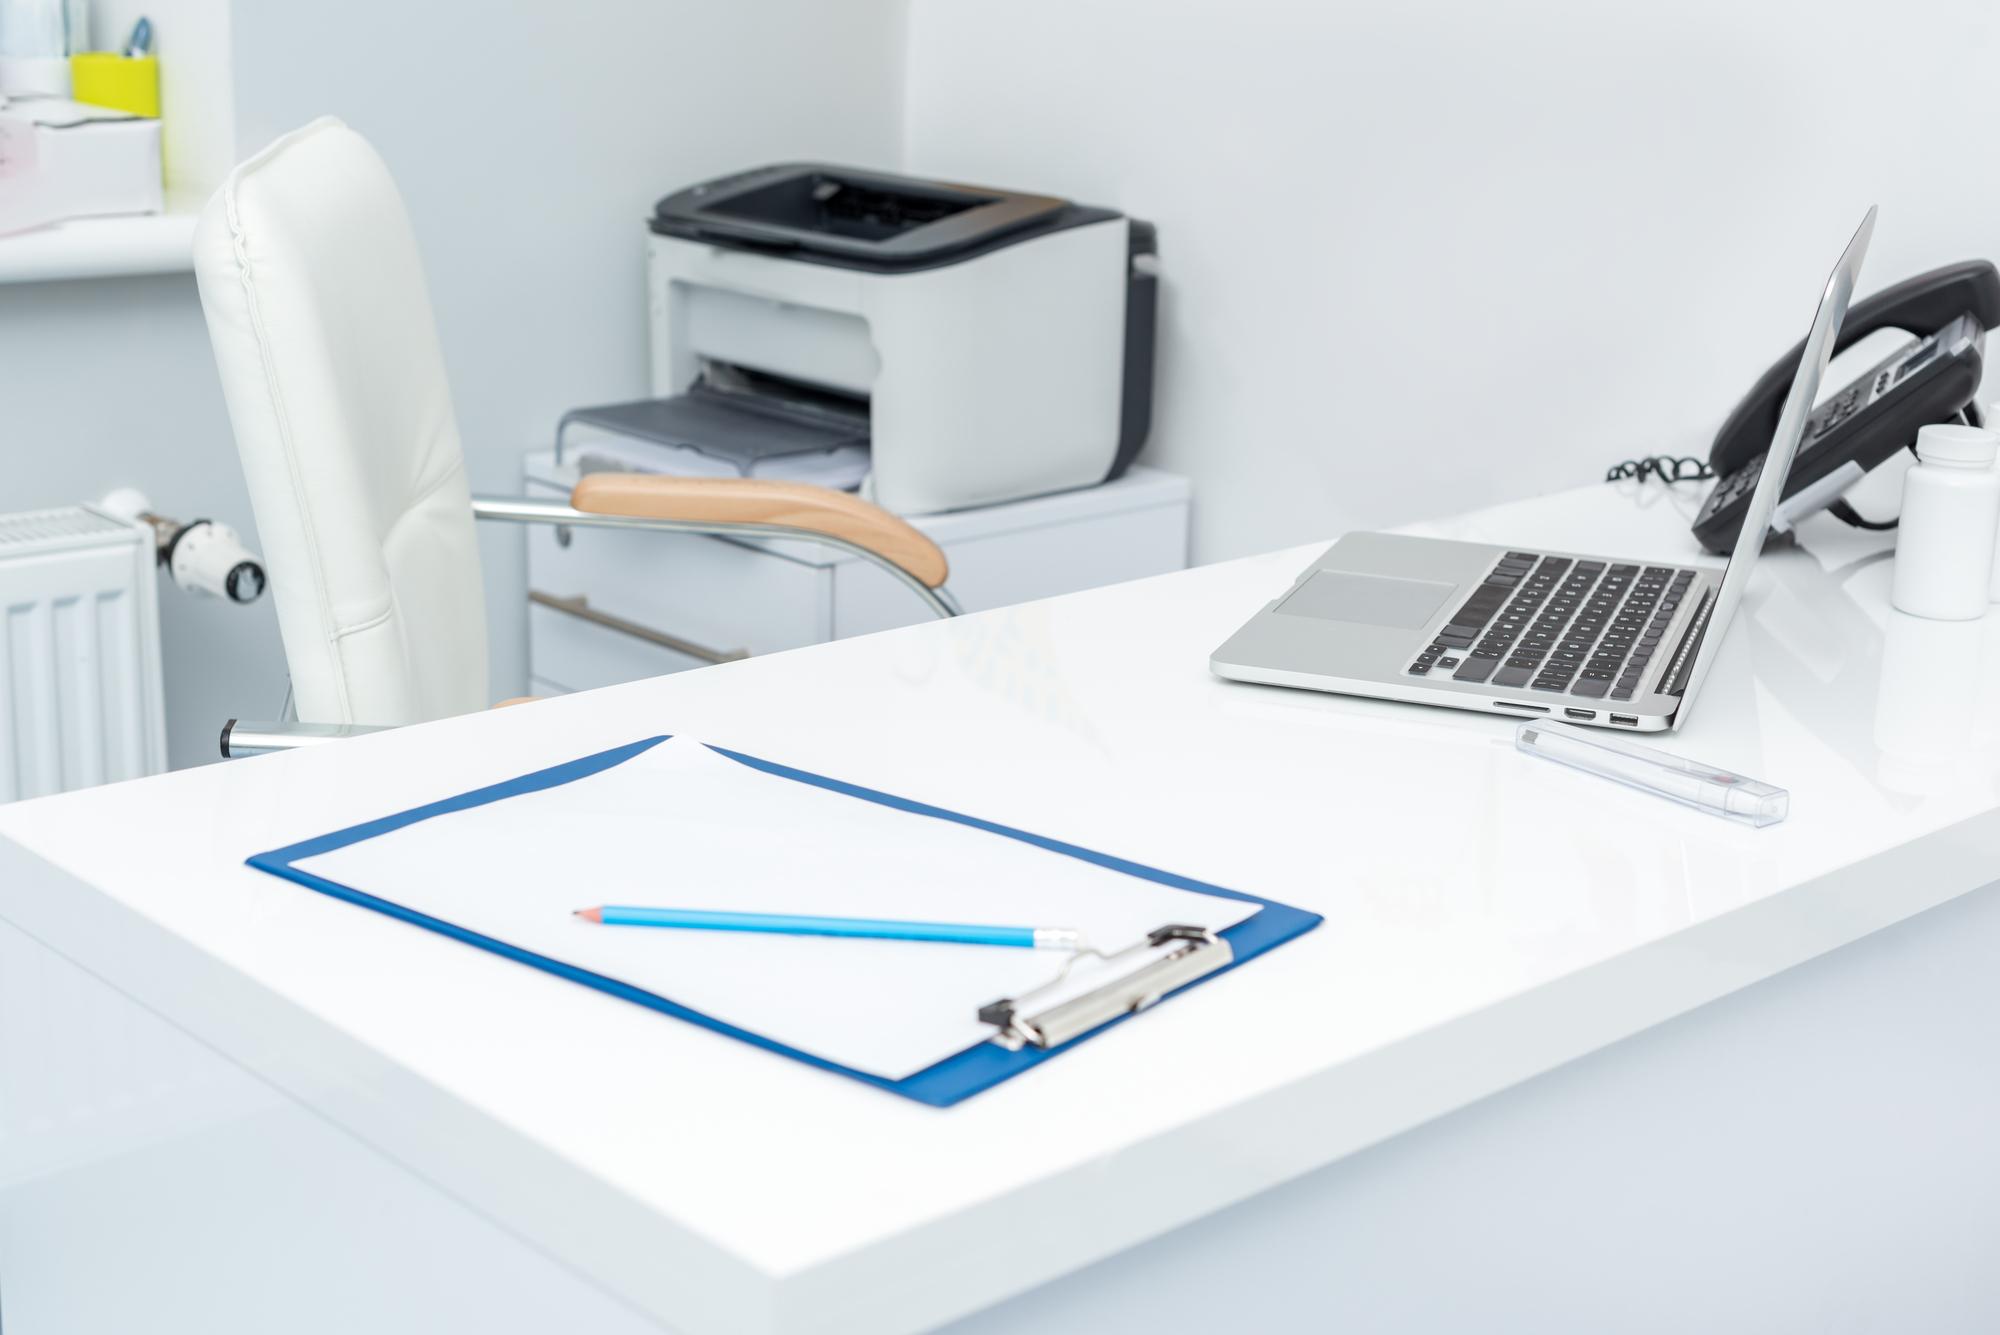 Jak zabezpieczyć drukarkę i tonery?